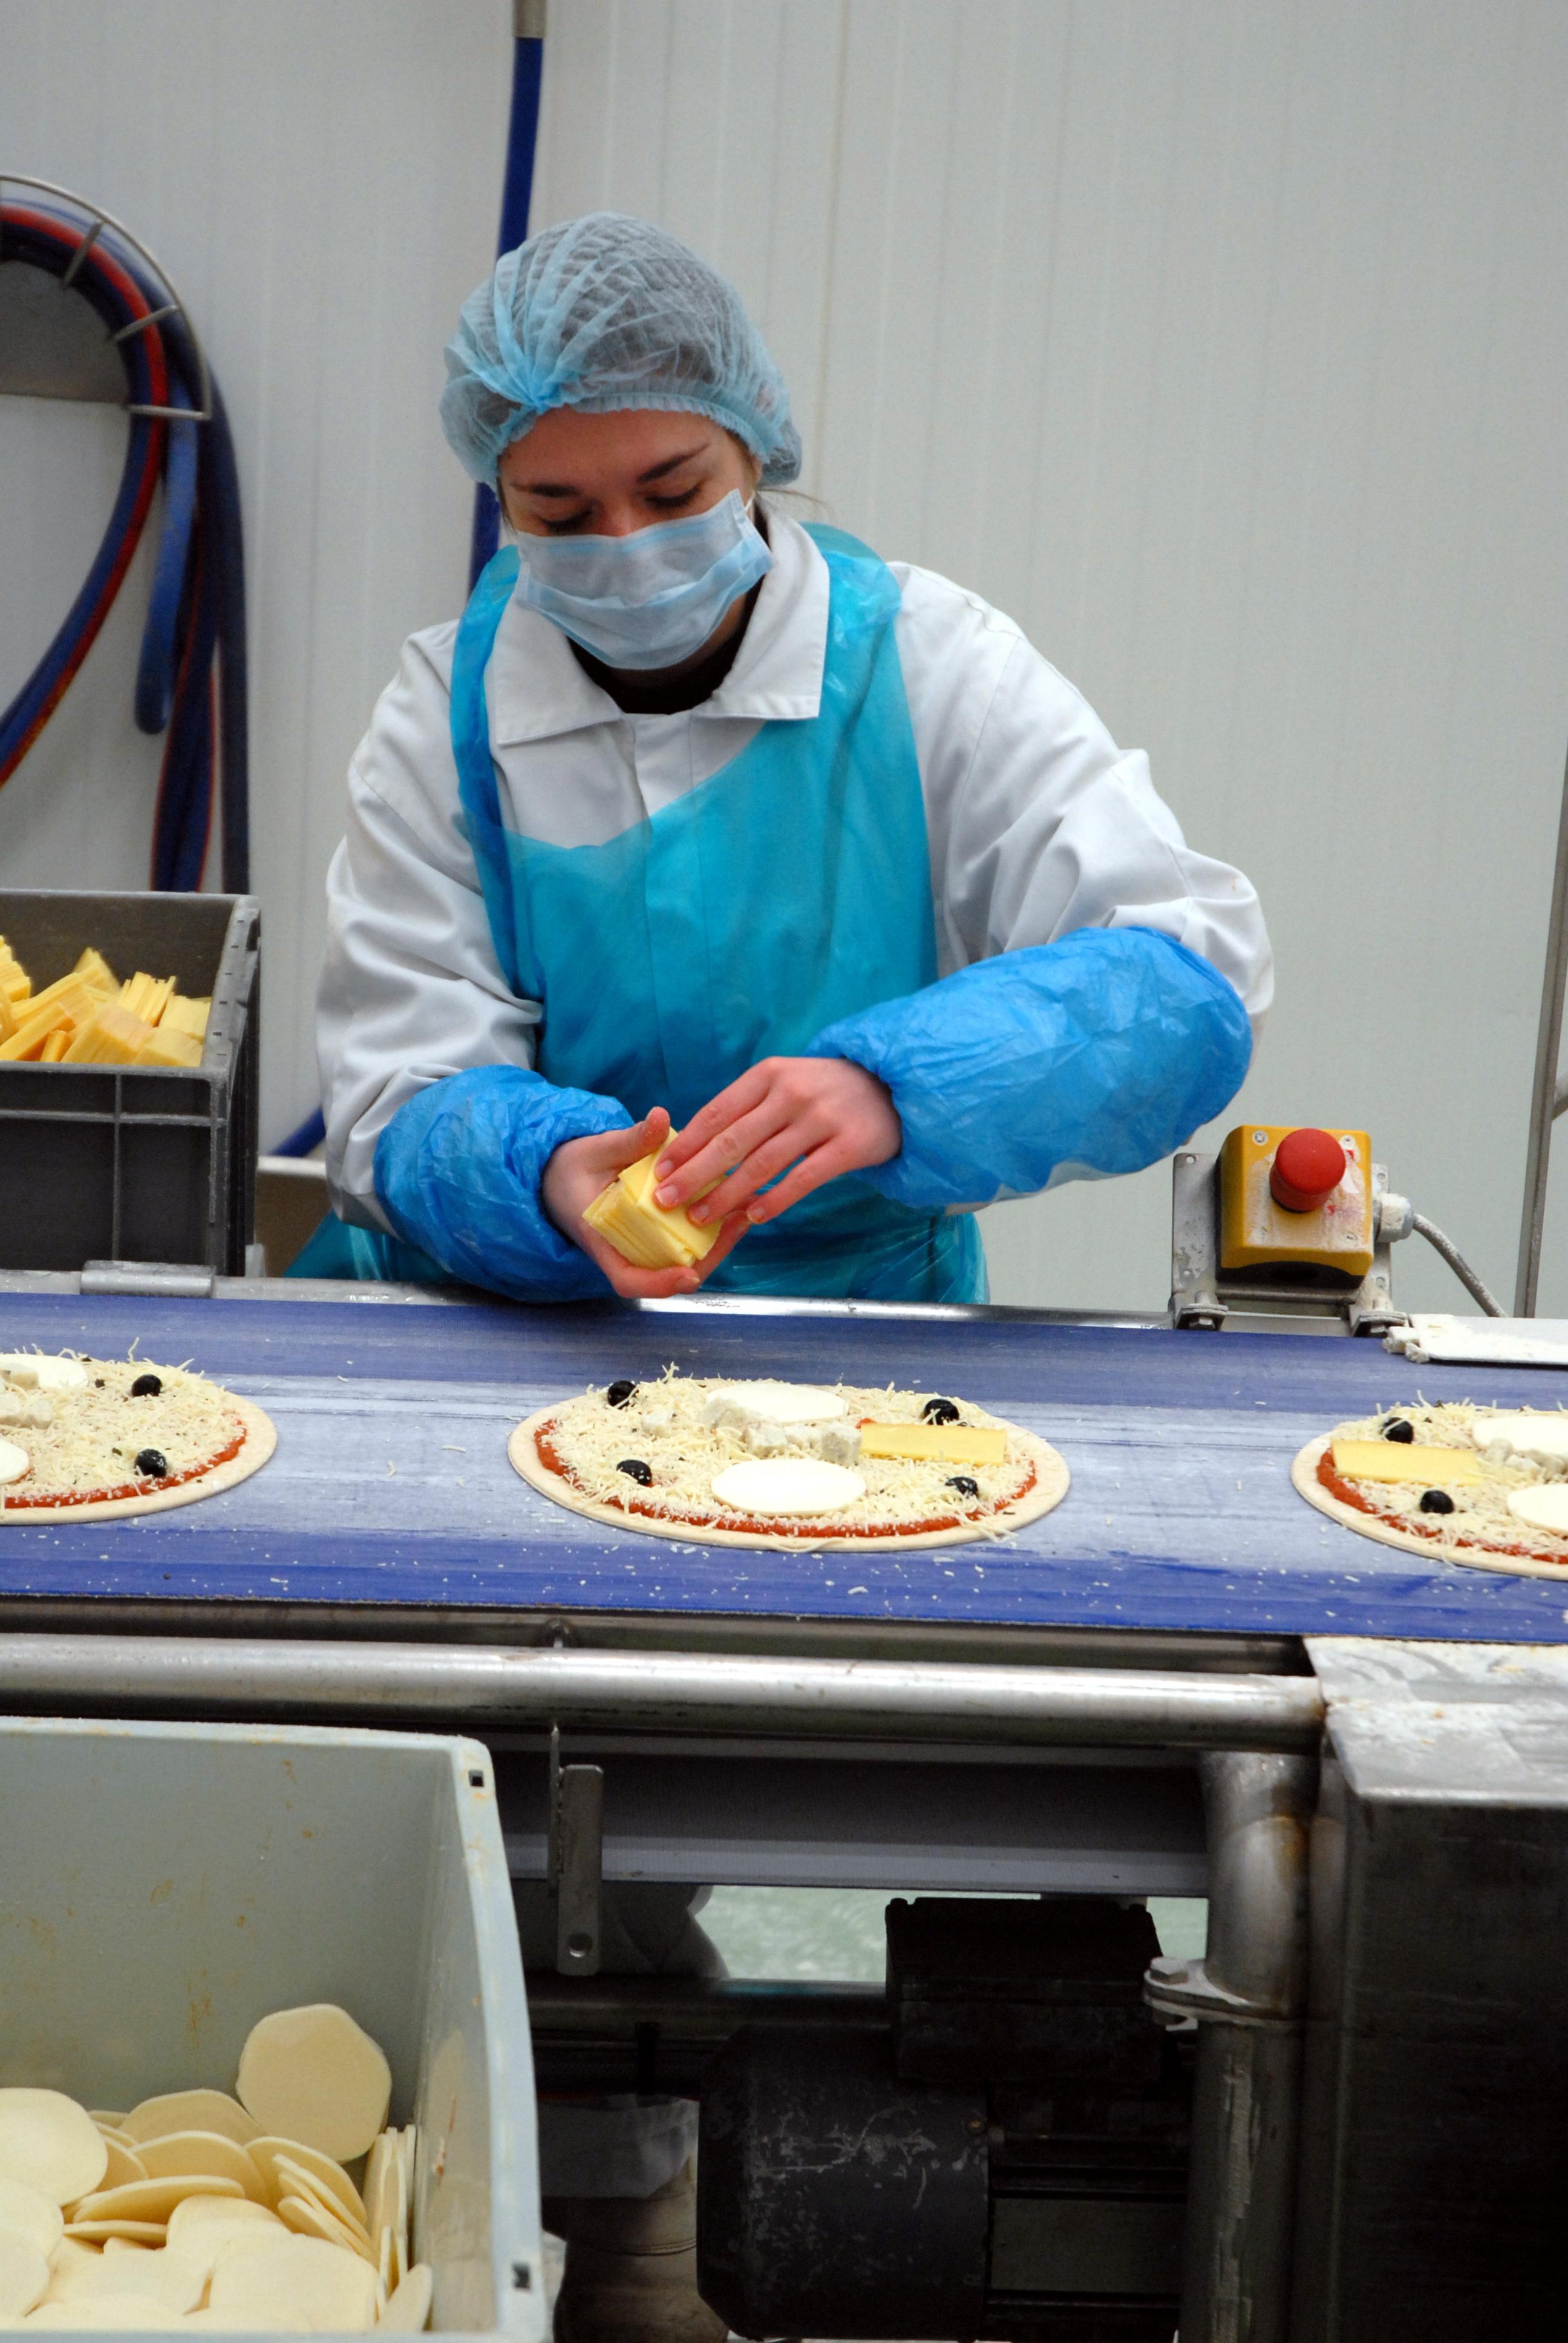 La csn salue le rapport du directeur de sant publique de montr al conf d ration des syndicats - Top cuisine direct usine ...